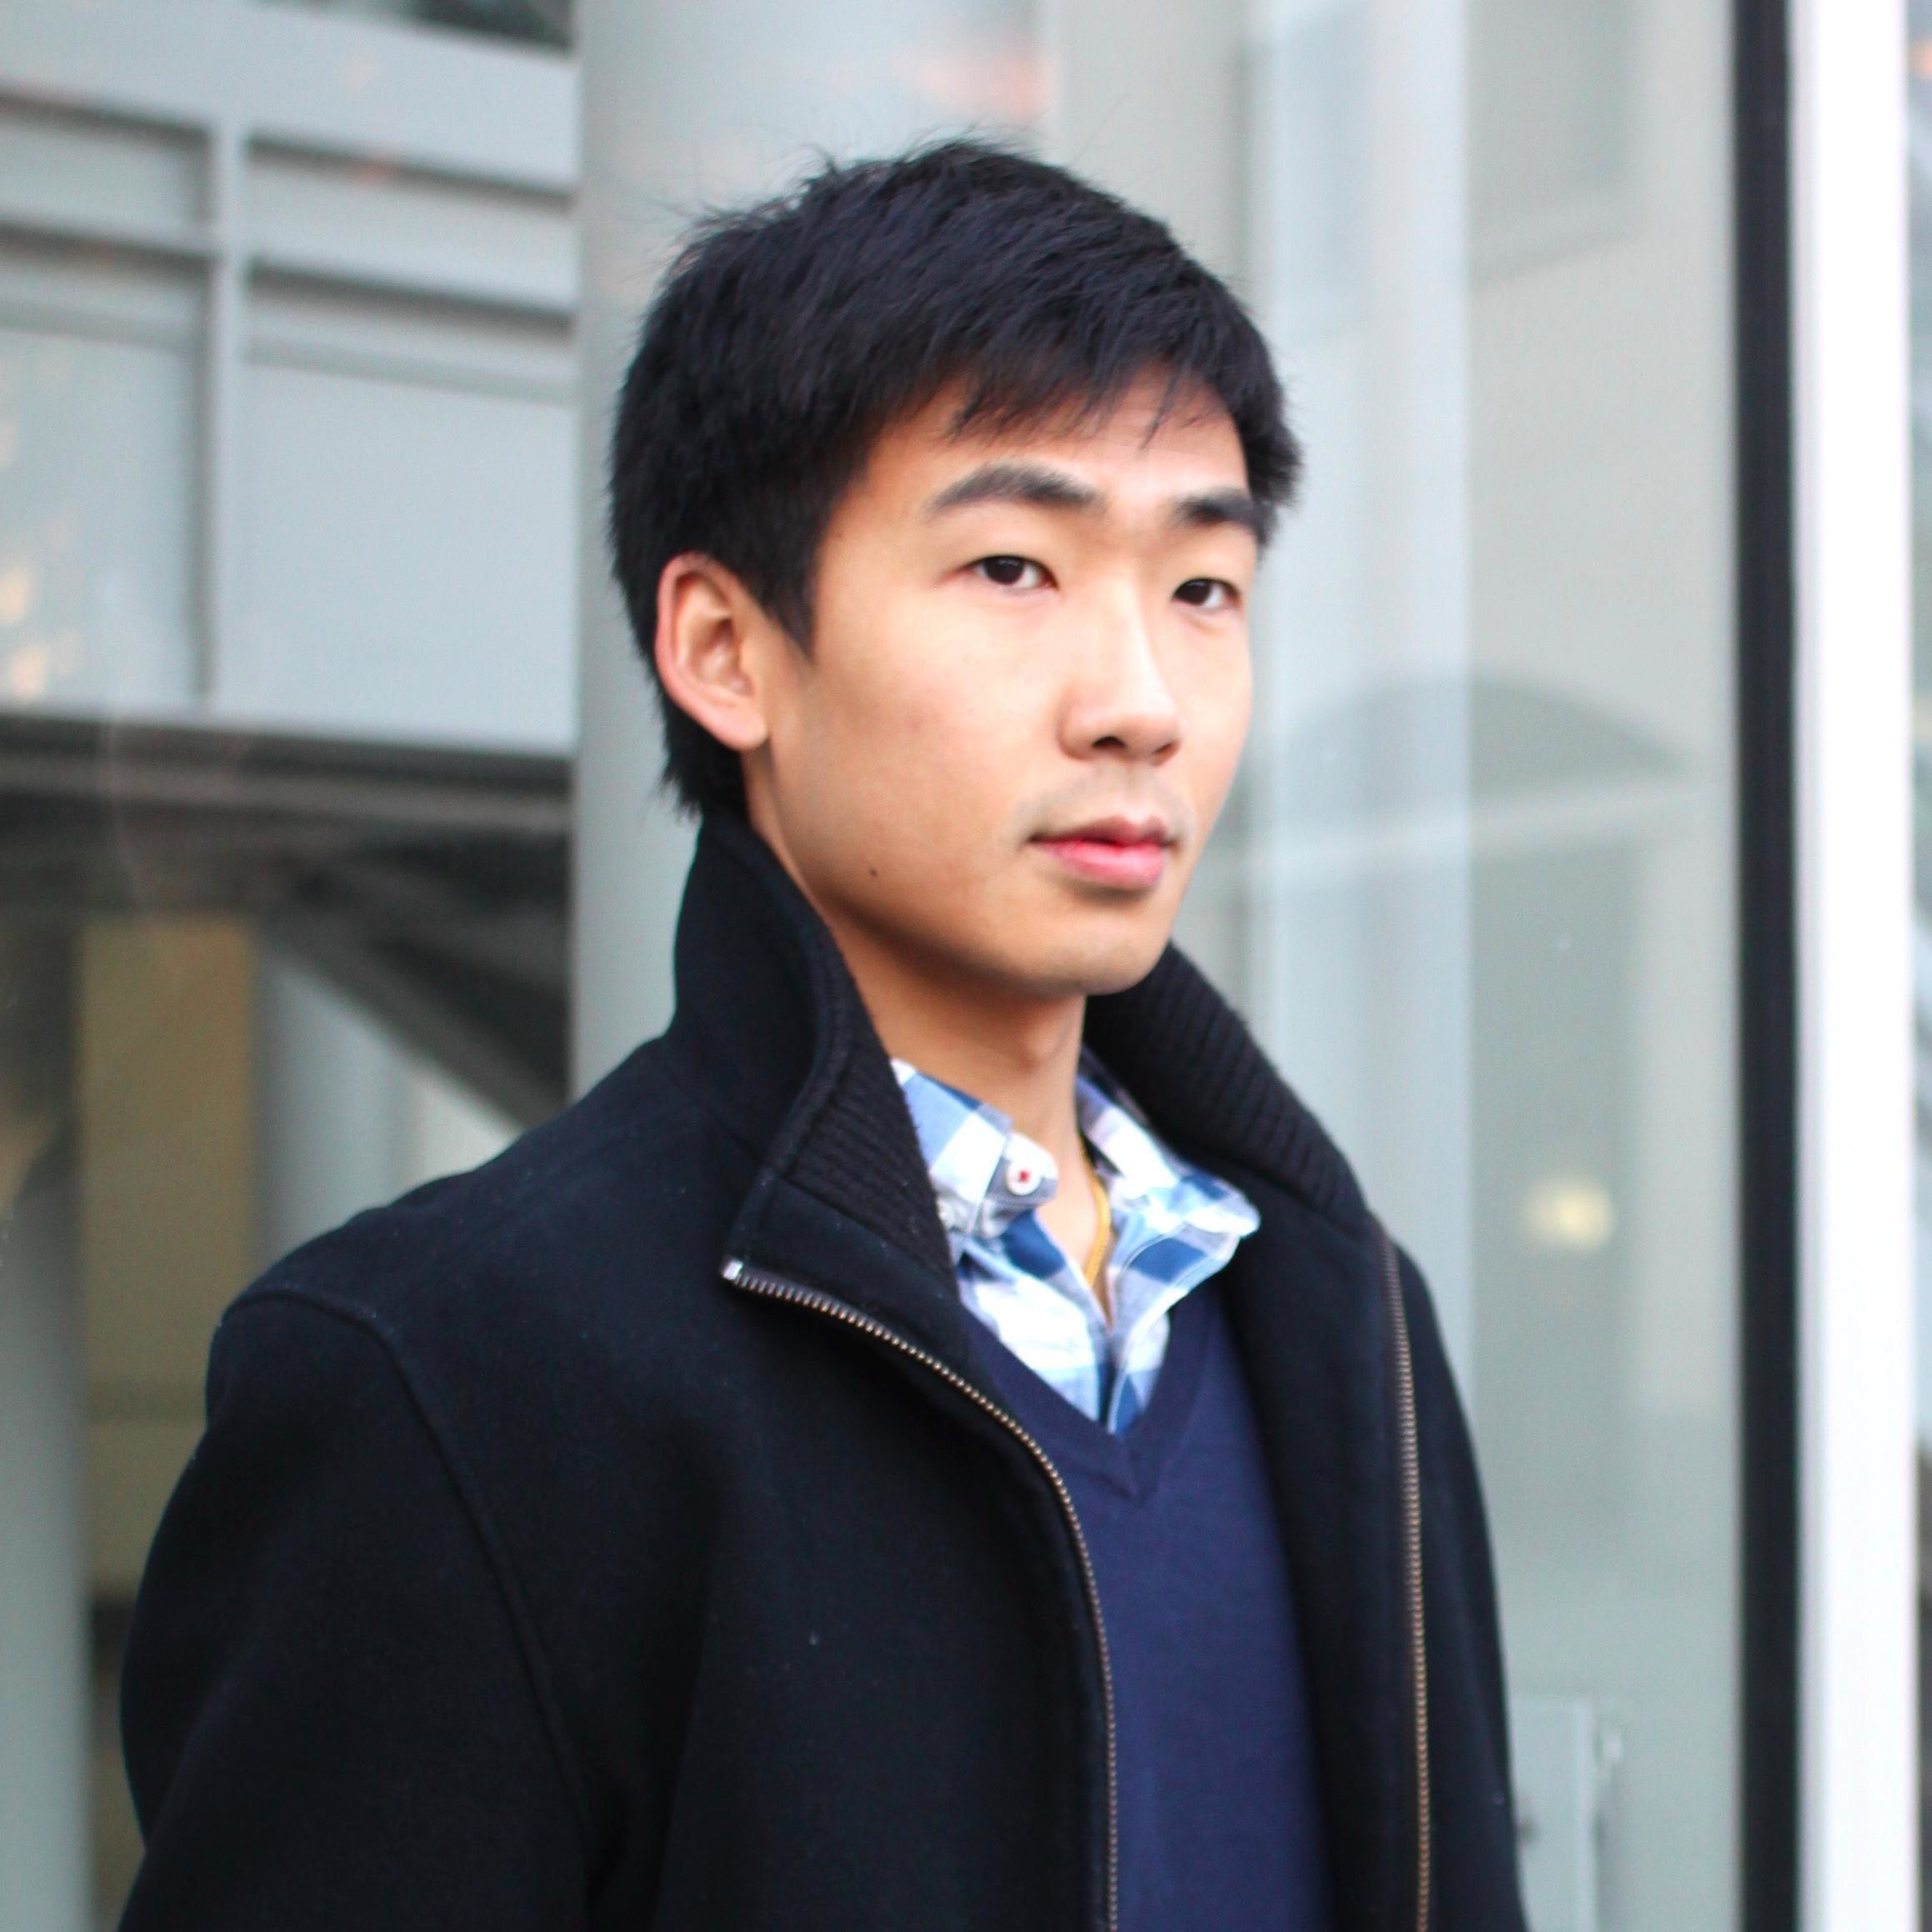 George Xing